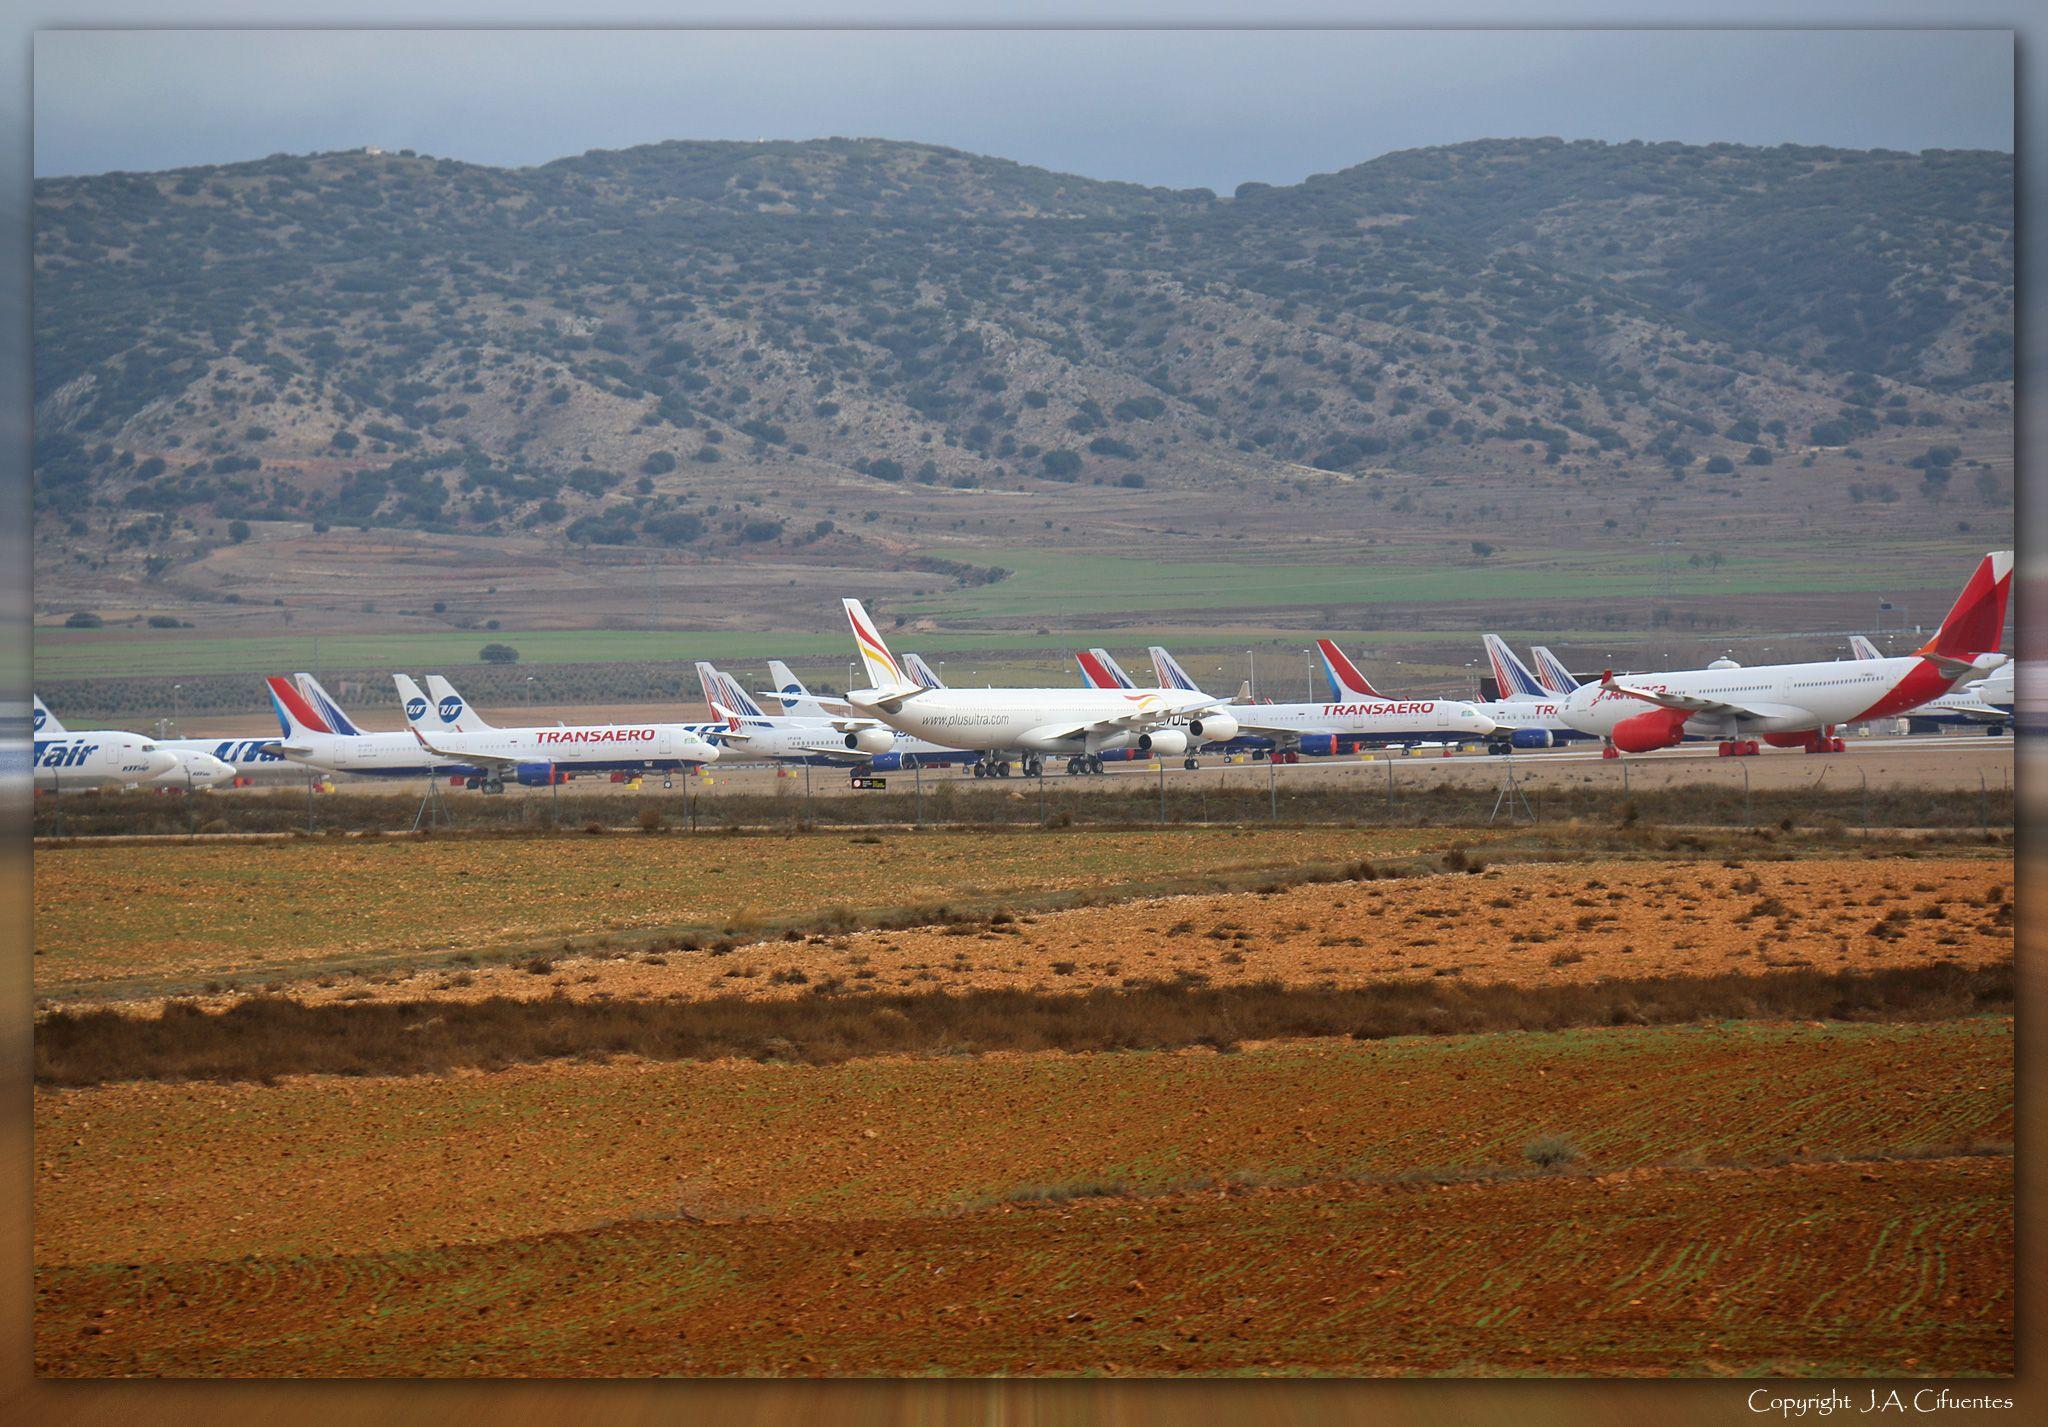 Aeropuerto de Teruel – 21/11/2015